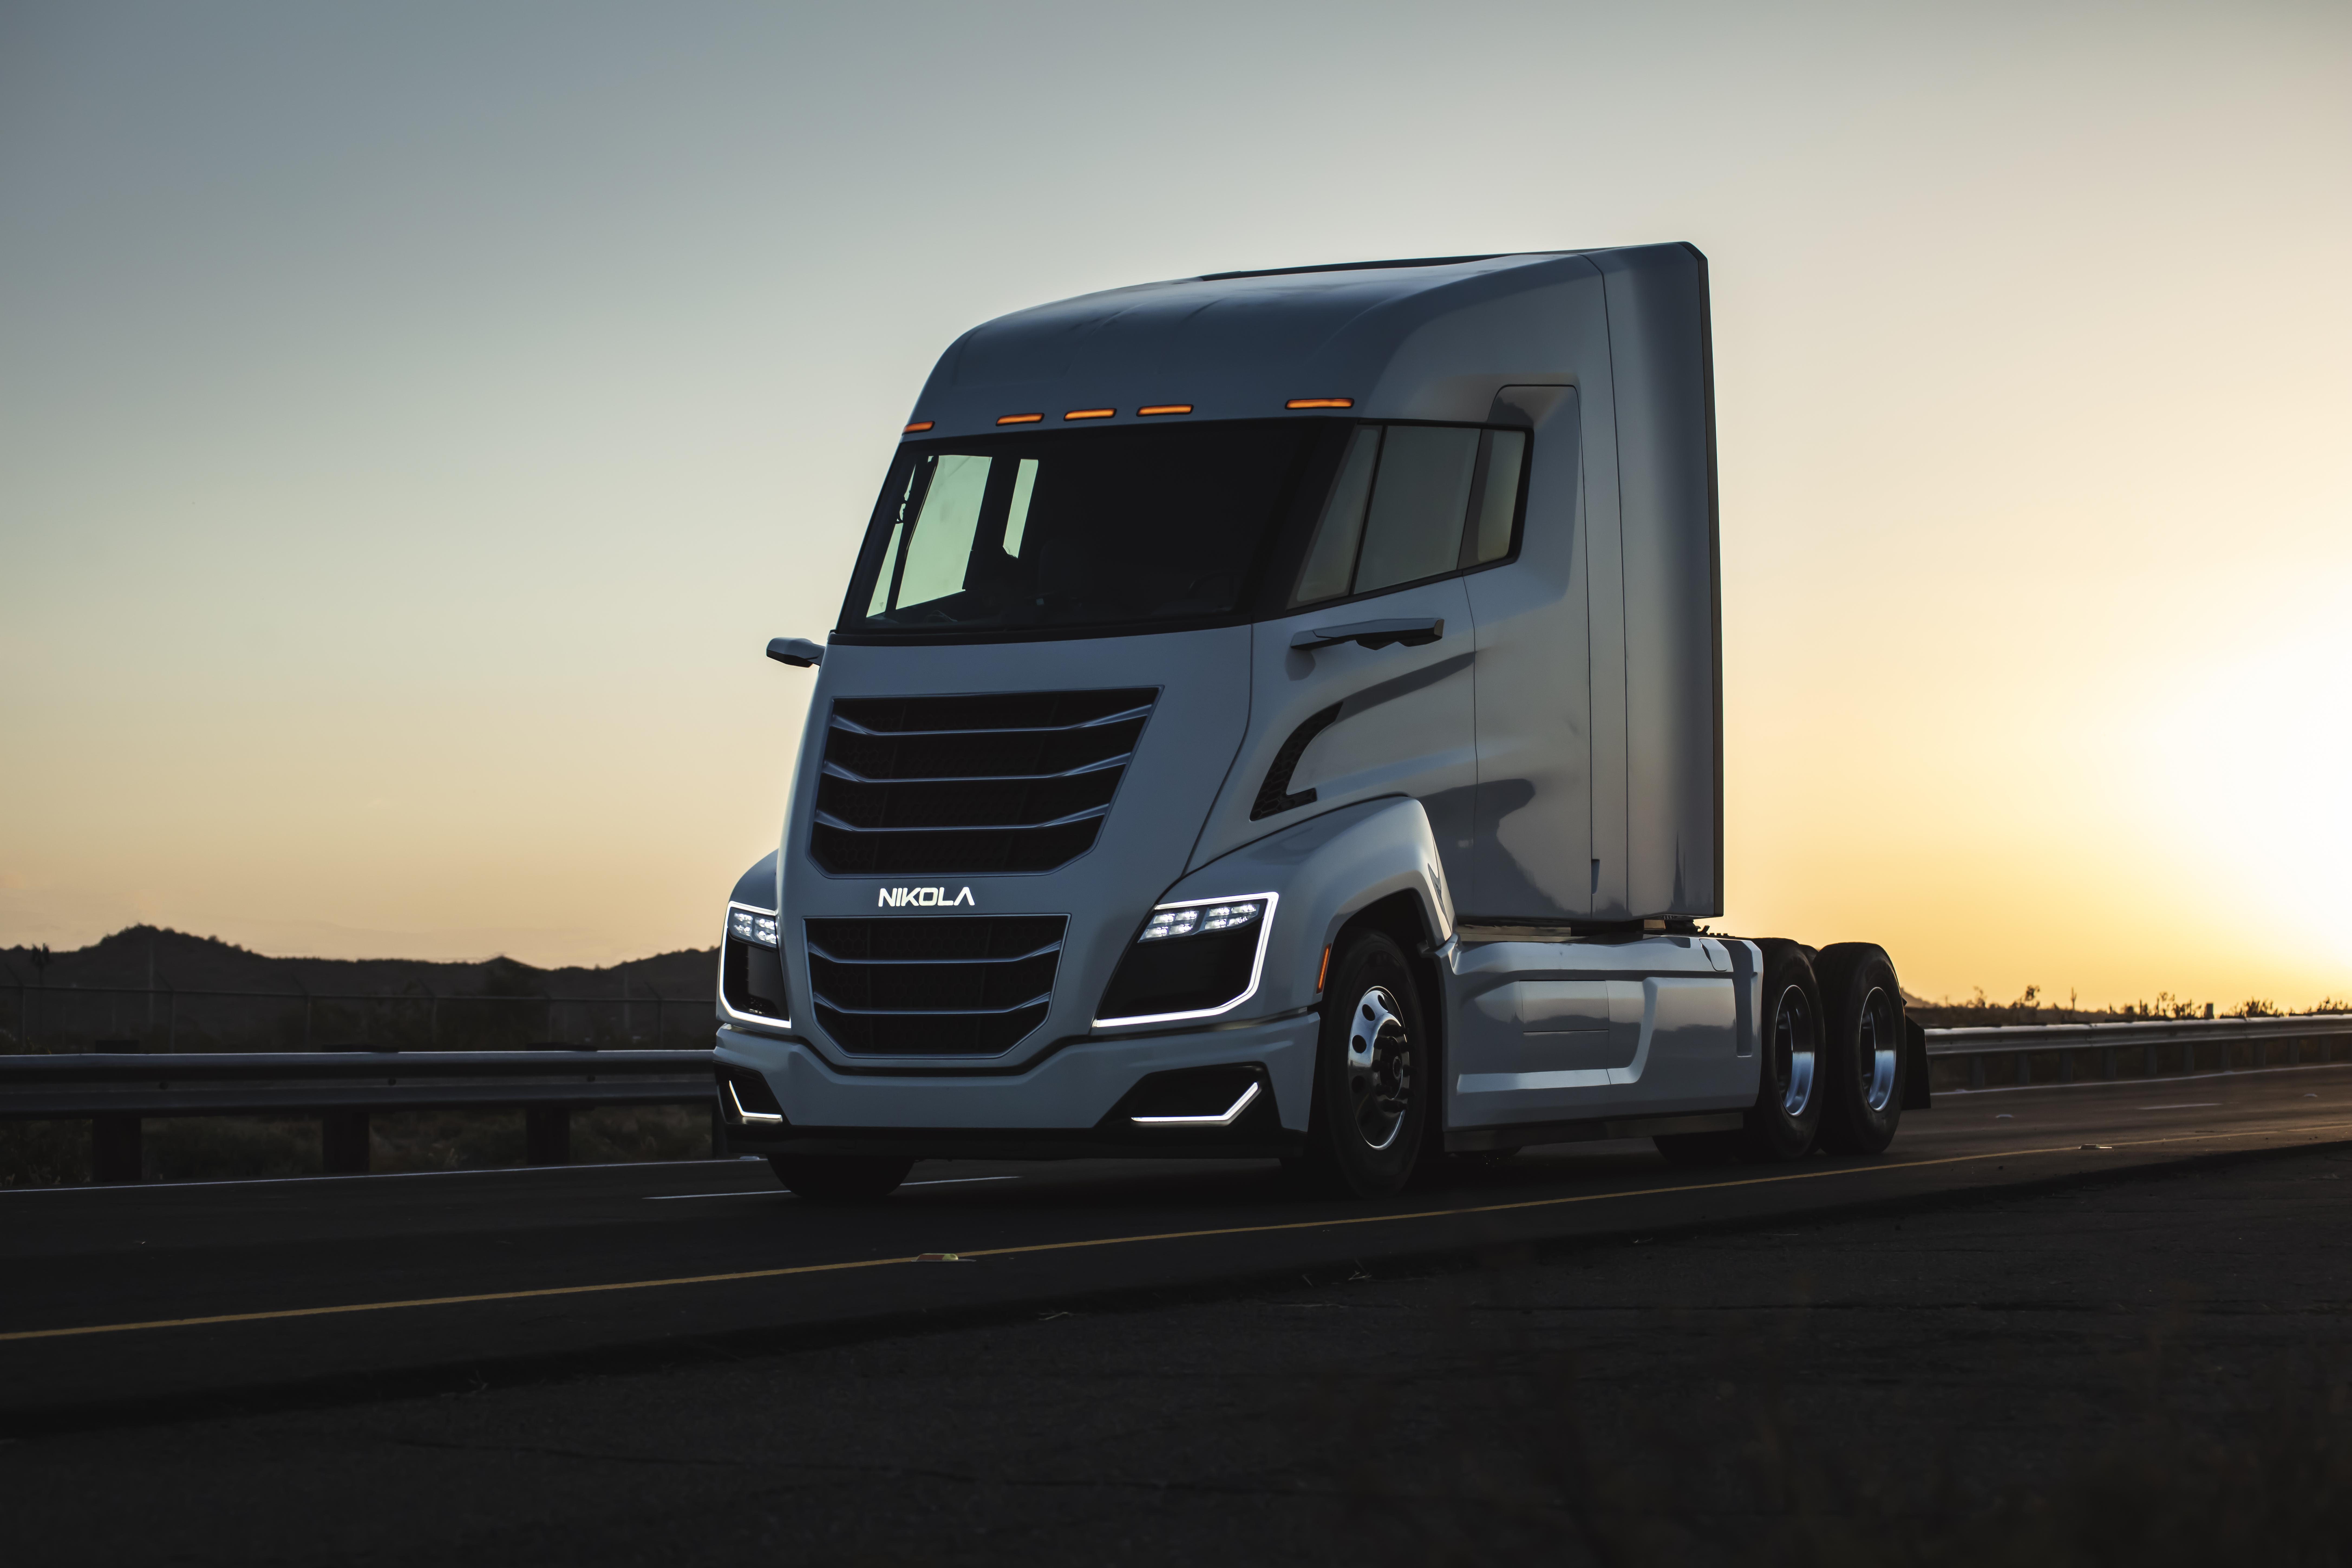 Inovace v oblasti užitkových vozidel: Bosch přináší pokročilá řešení pro nový tahač Nikola Two